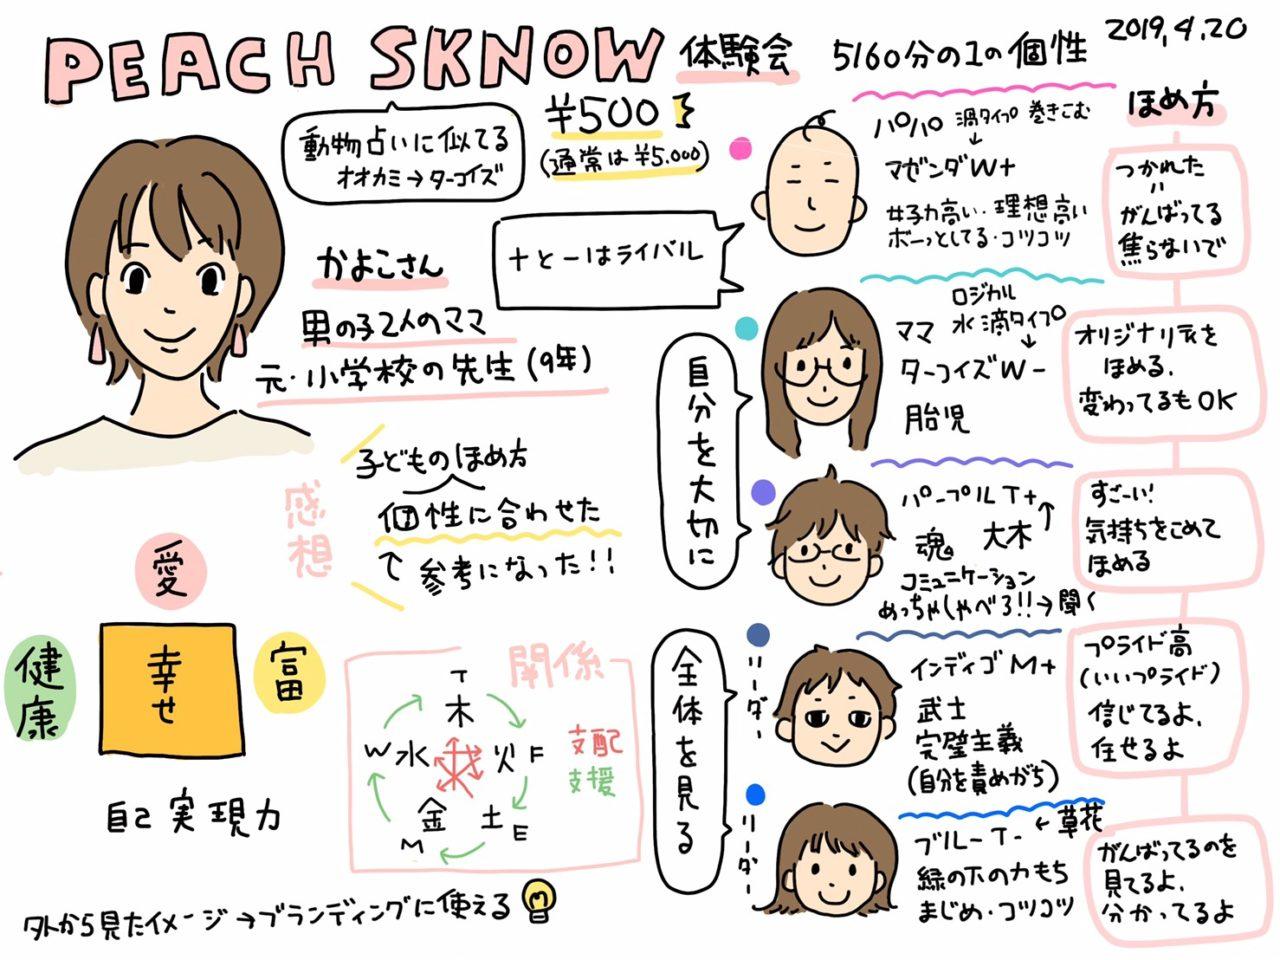 こどもの個性や褒め方を知る!徳島で「ピーチスノウ」体験会 in 阿南